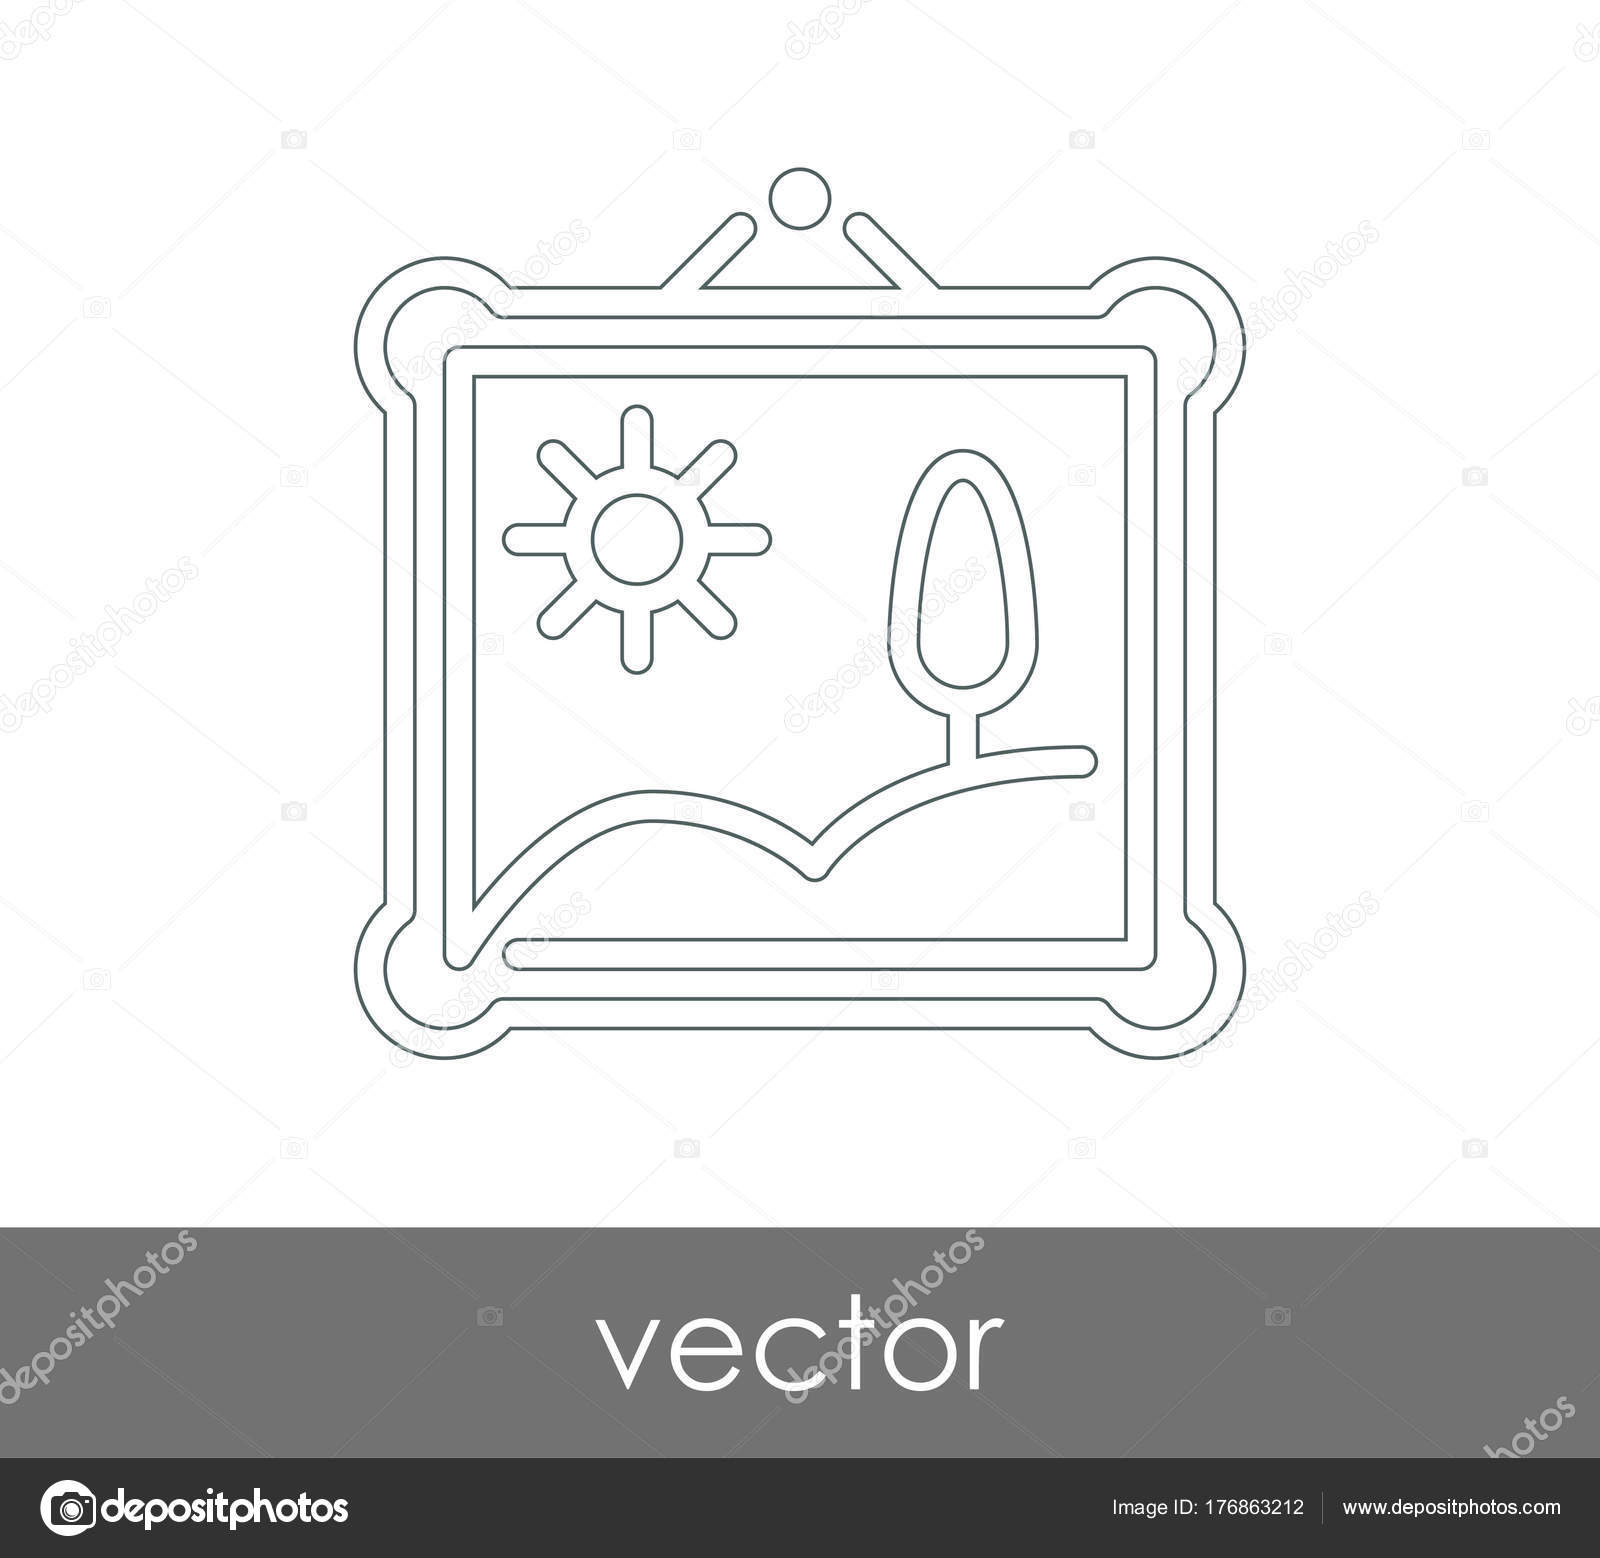 Icono Marco Para Diseño Web Aplicaciones — Archivo Imágenes ...